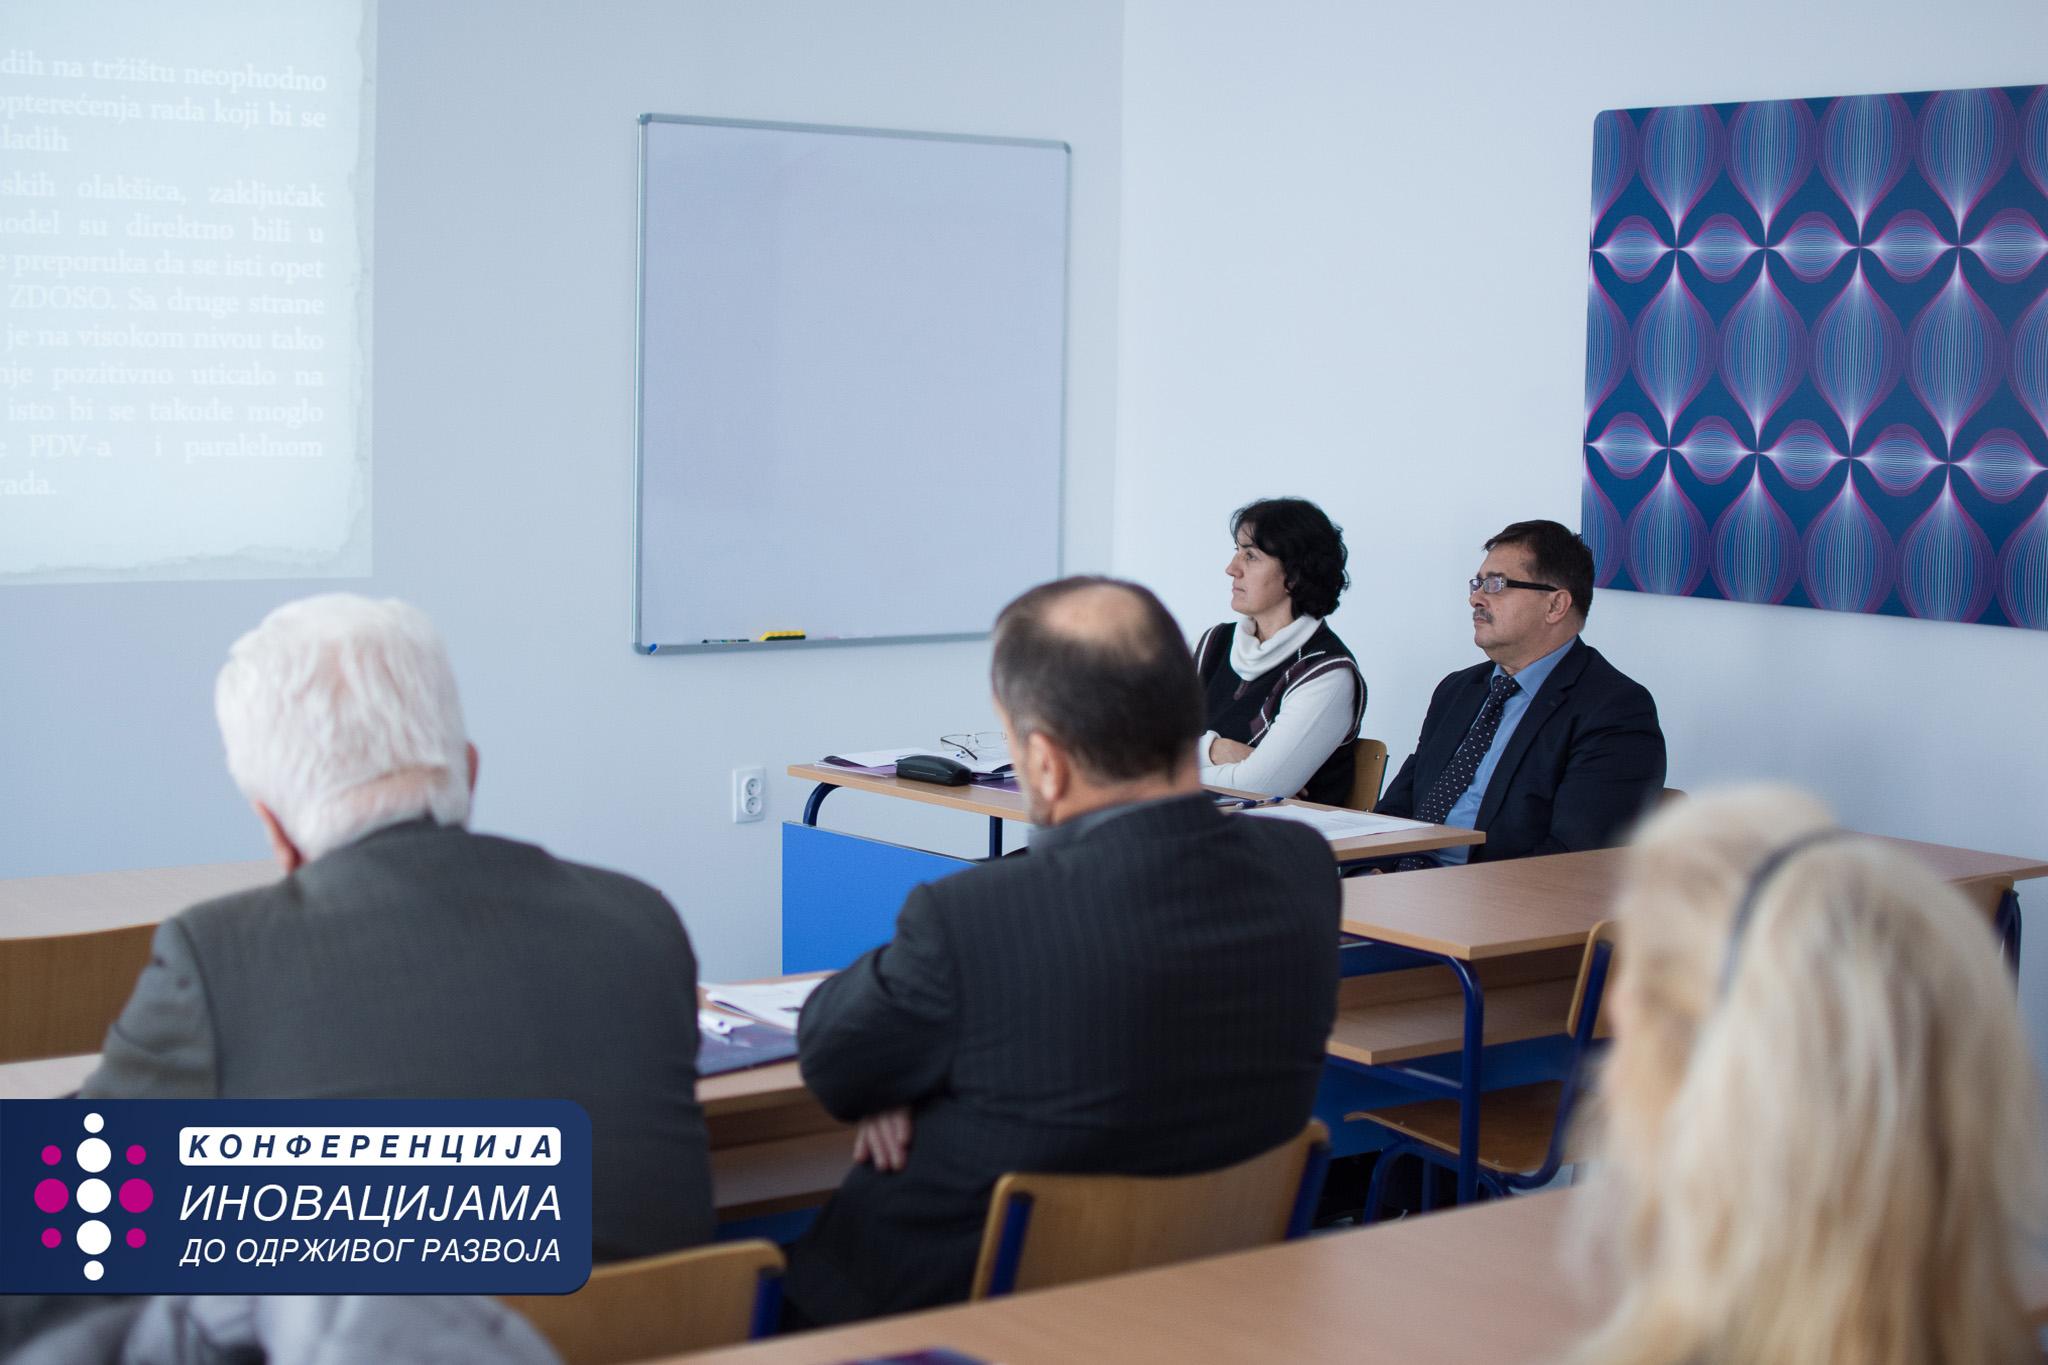 MEF Fakultet - izvestaj sa konferencije 66